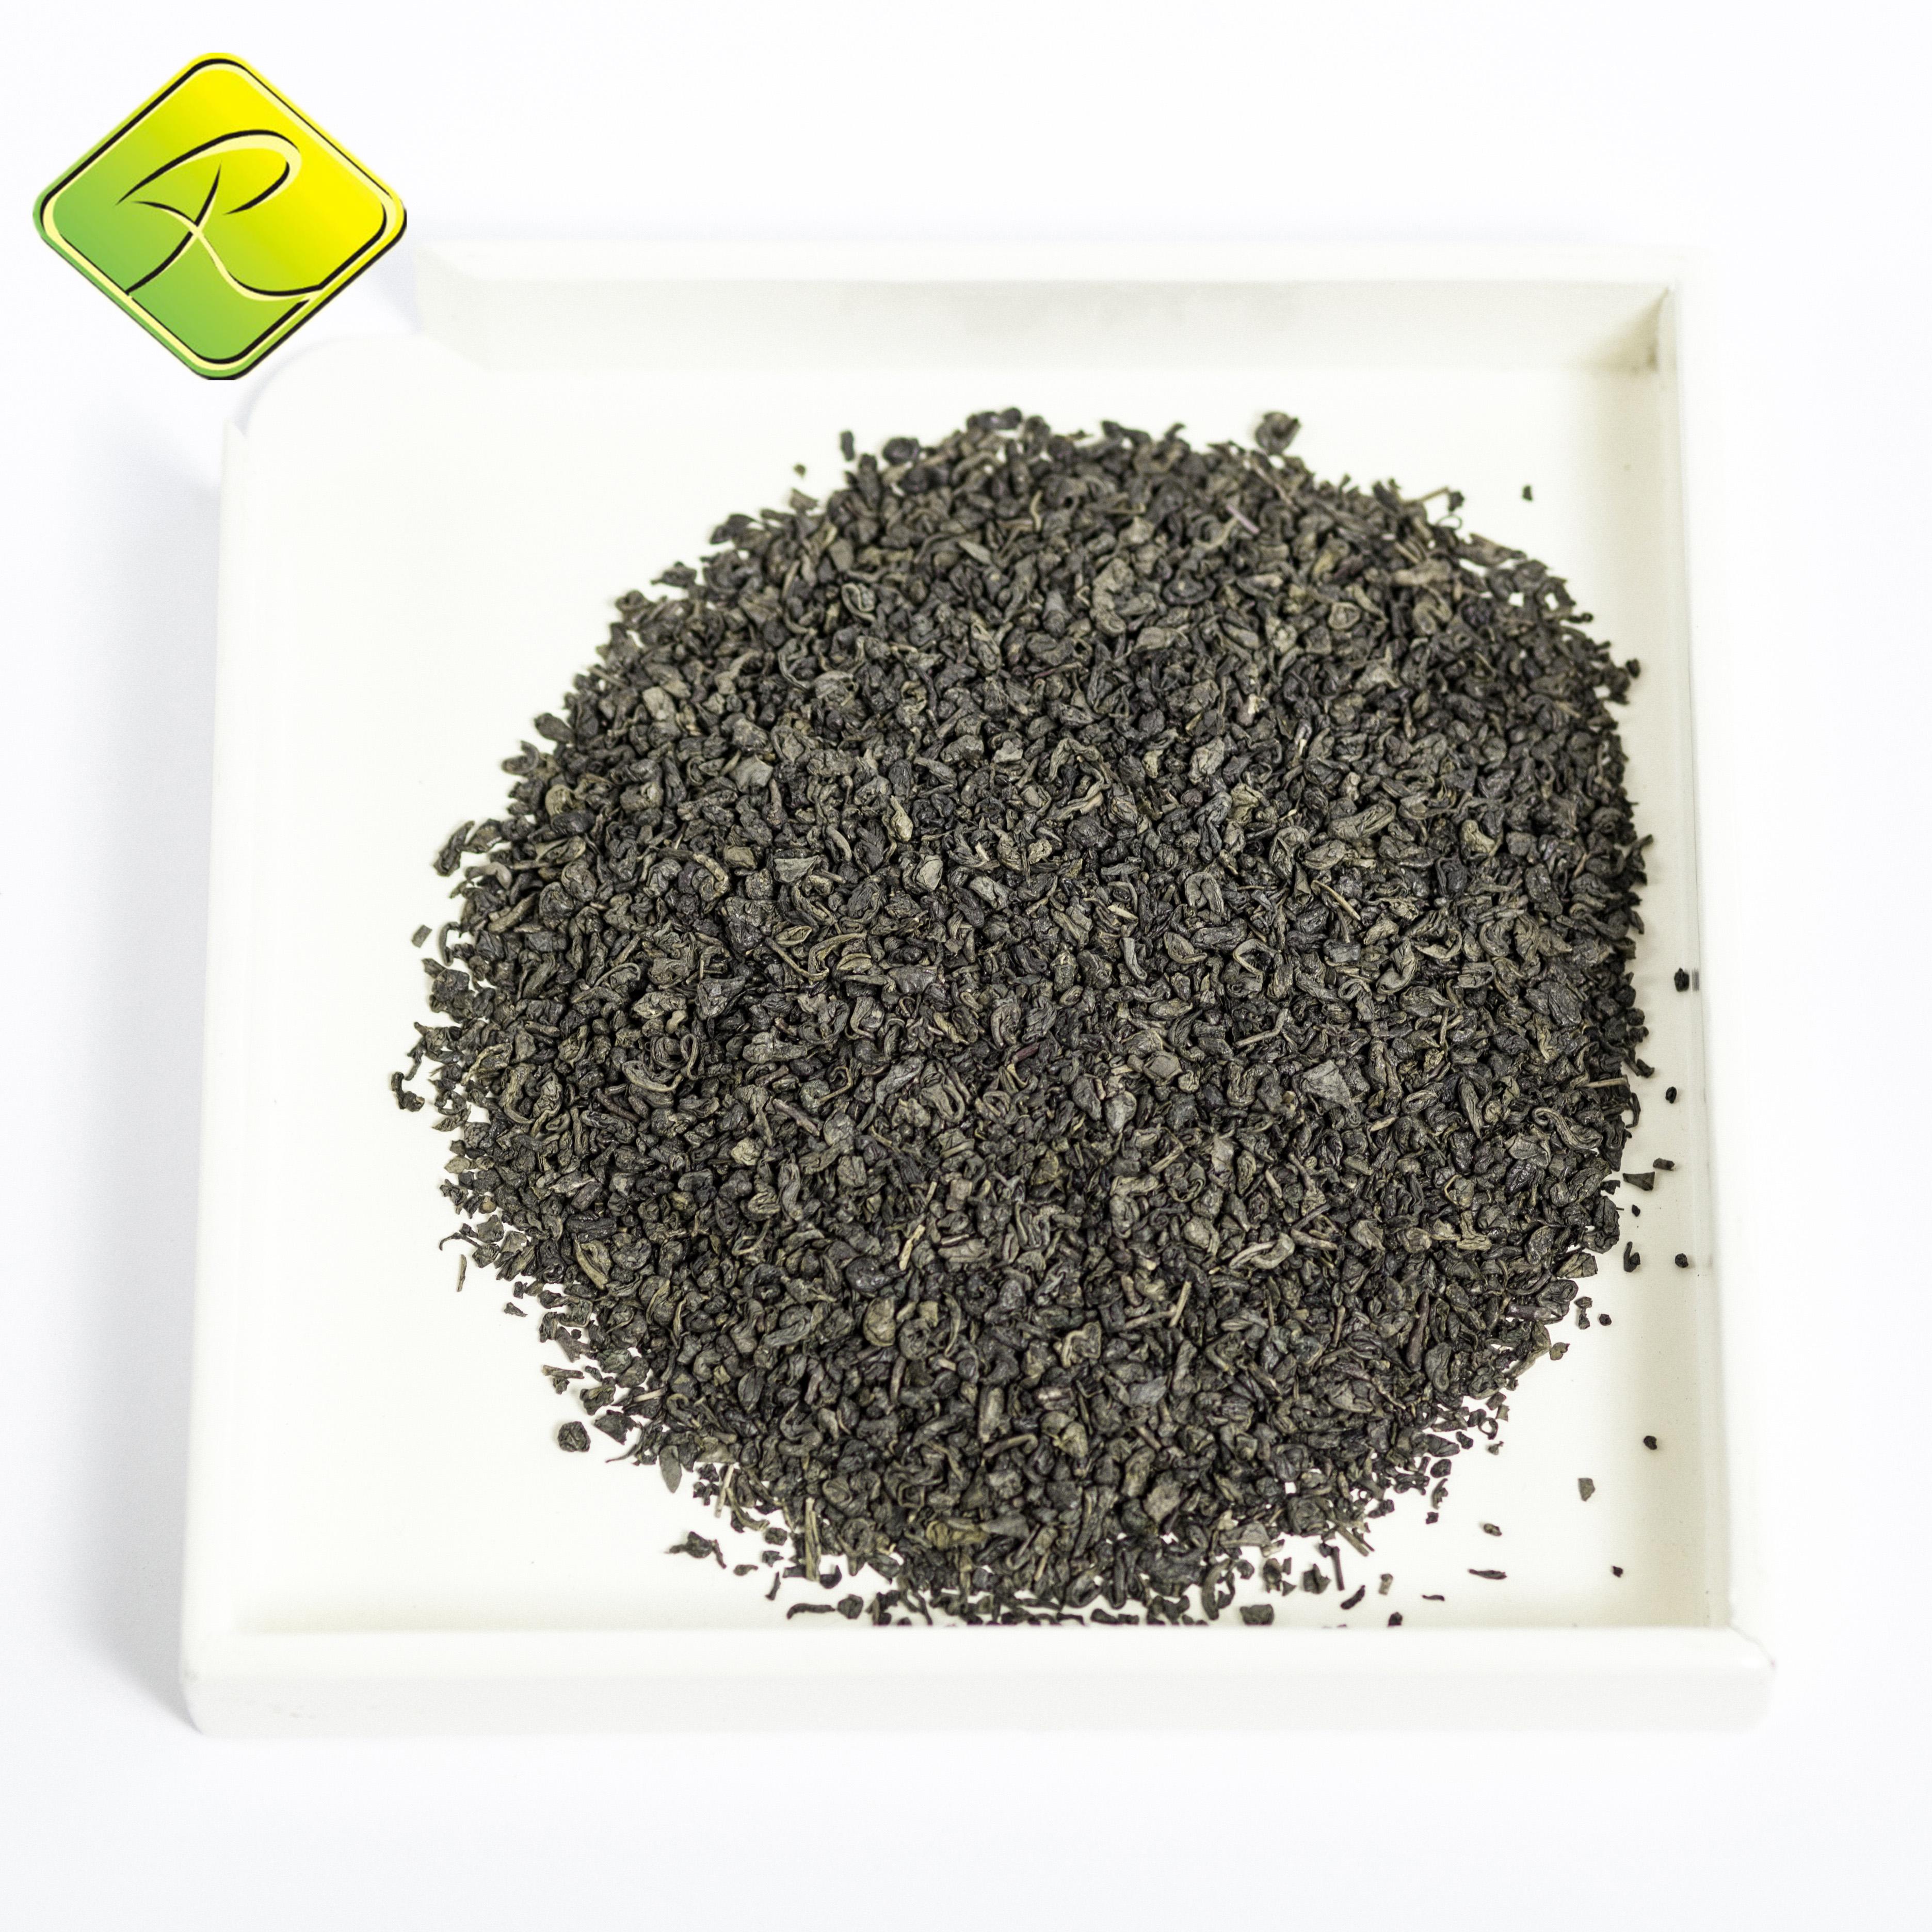 EU Standard high quality low pesticide China gunpowder green tea 3505A - 4uTea | 4uTea.com